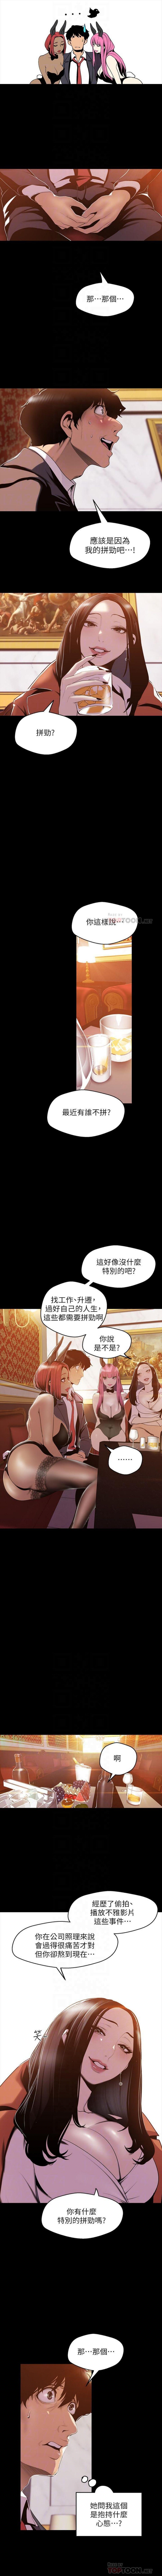 (週1)美麗新世界 1-76 中文翻譯 (更新中) 558